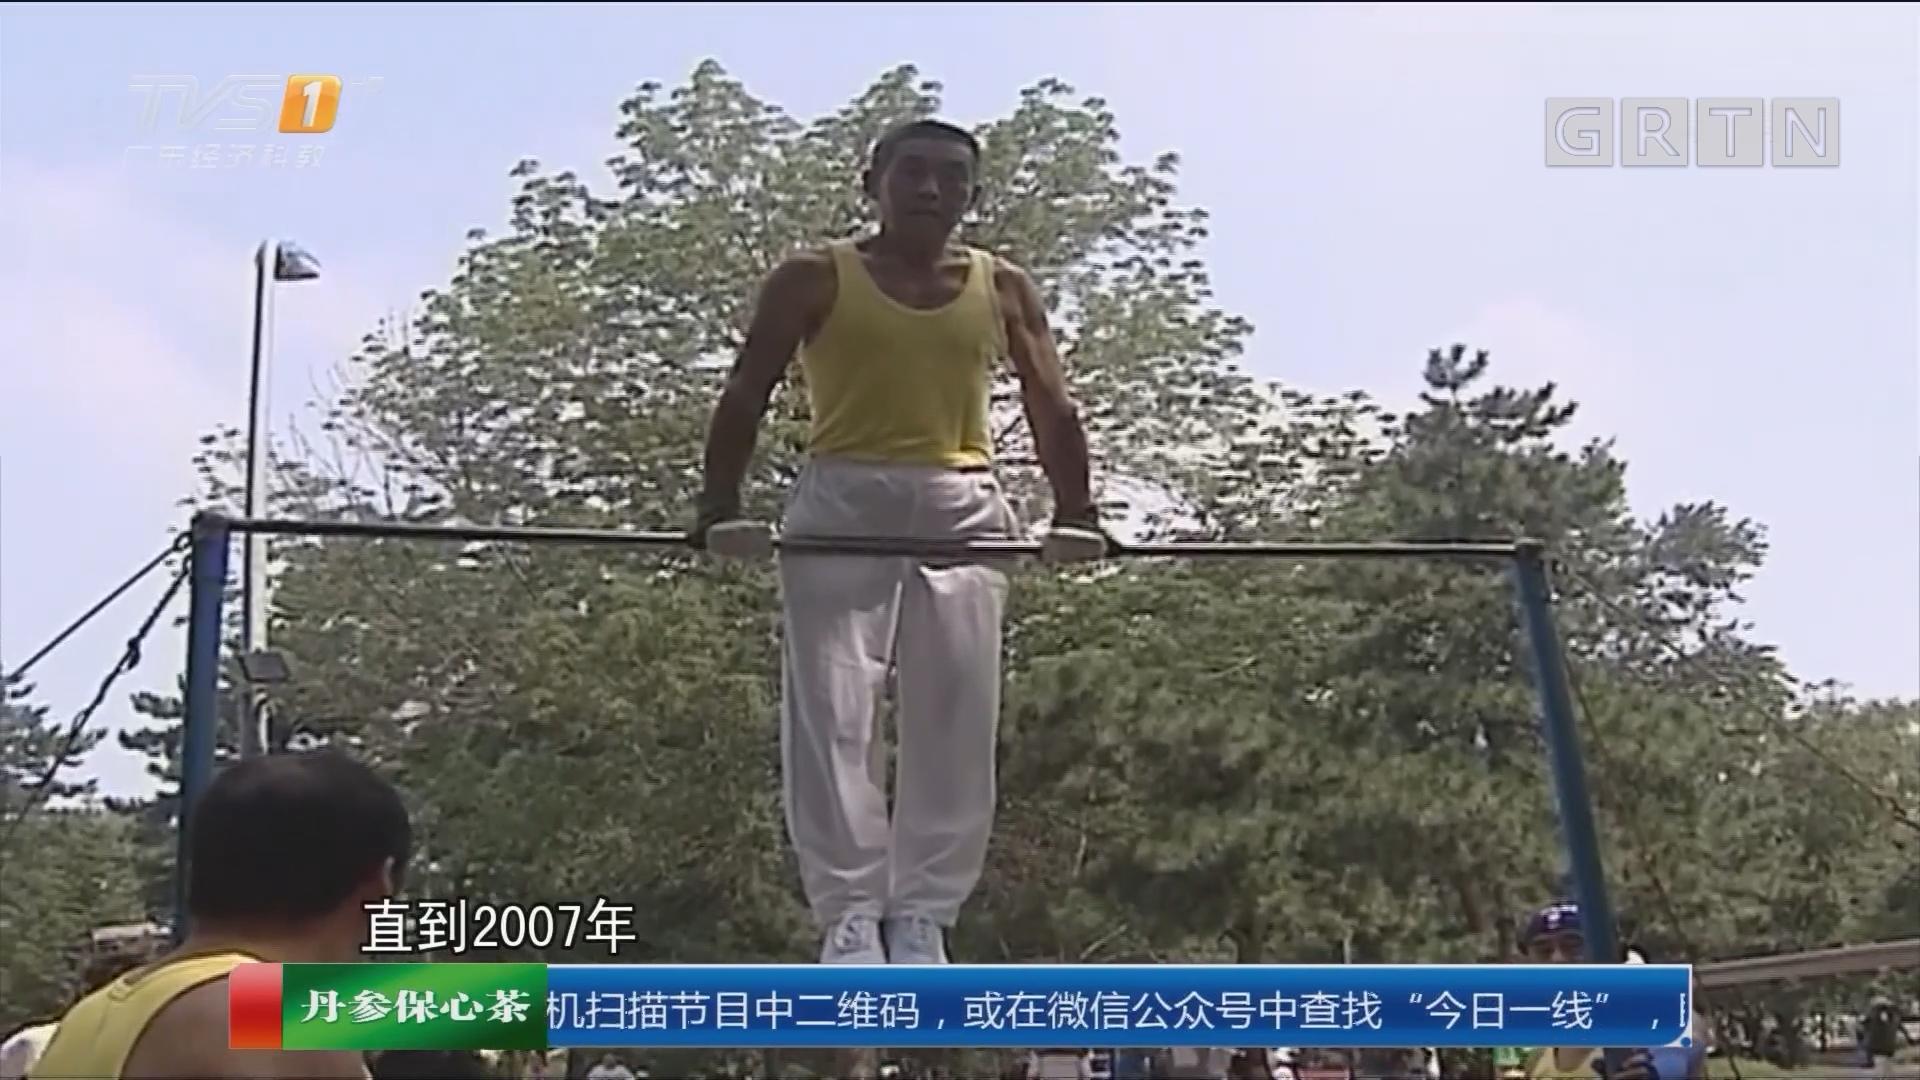 民间高人:沈阳 最牛单杠大爷 一次可做百余大回环